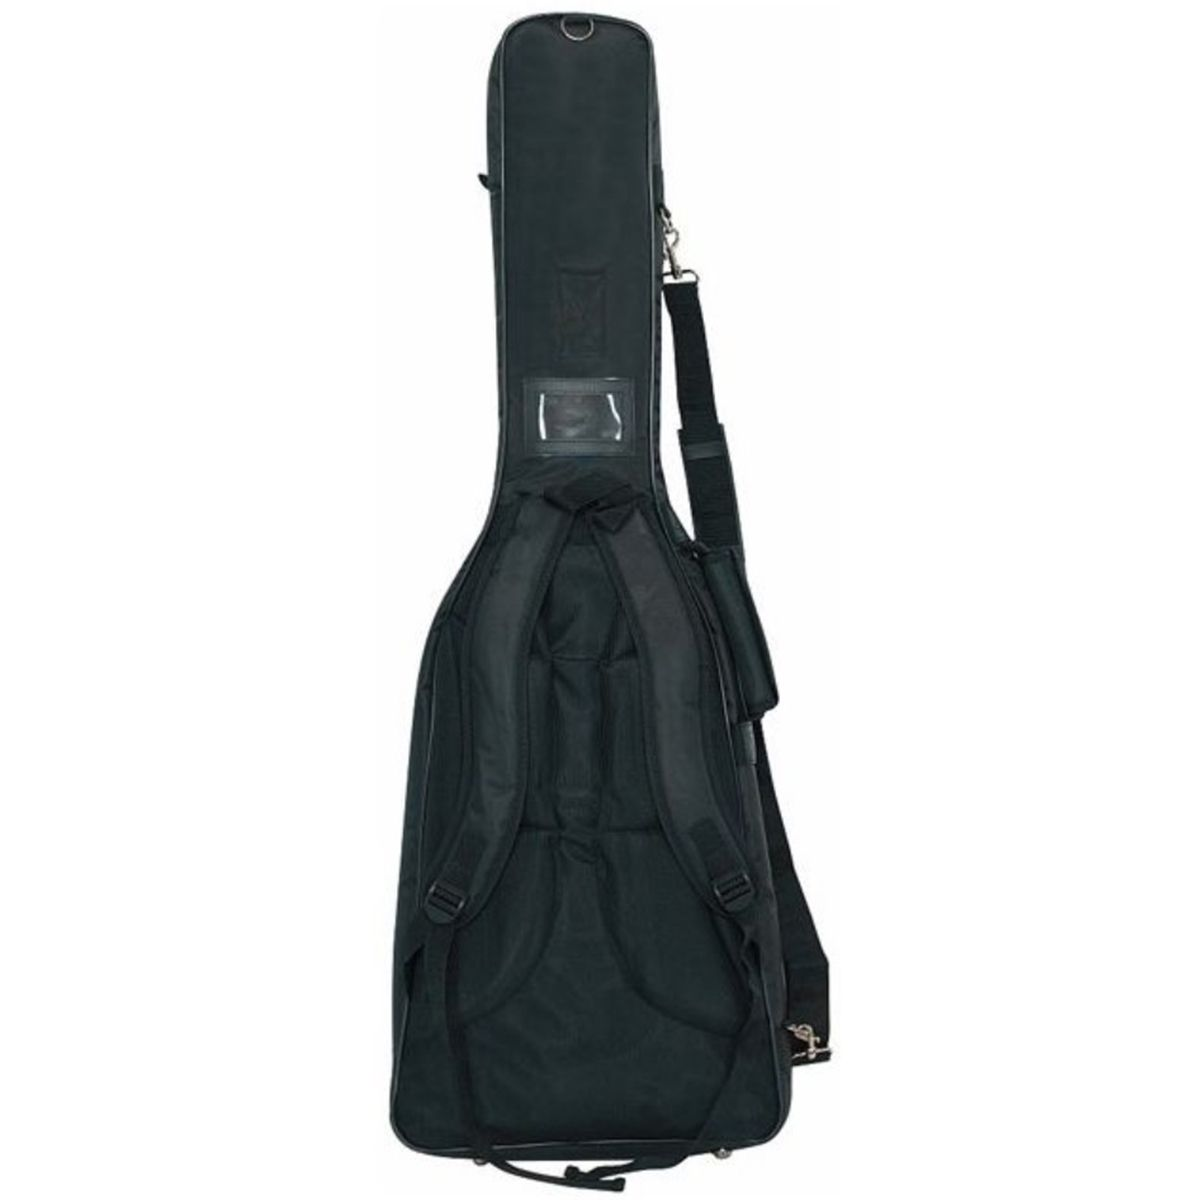 Capa Rockbag RB 20506 B Deluxe Line para Guitarra